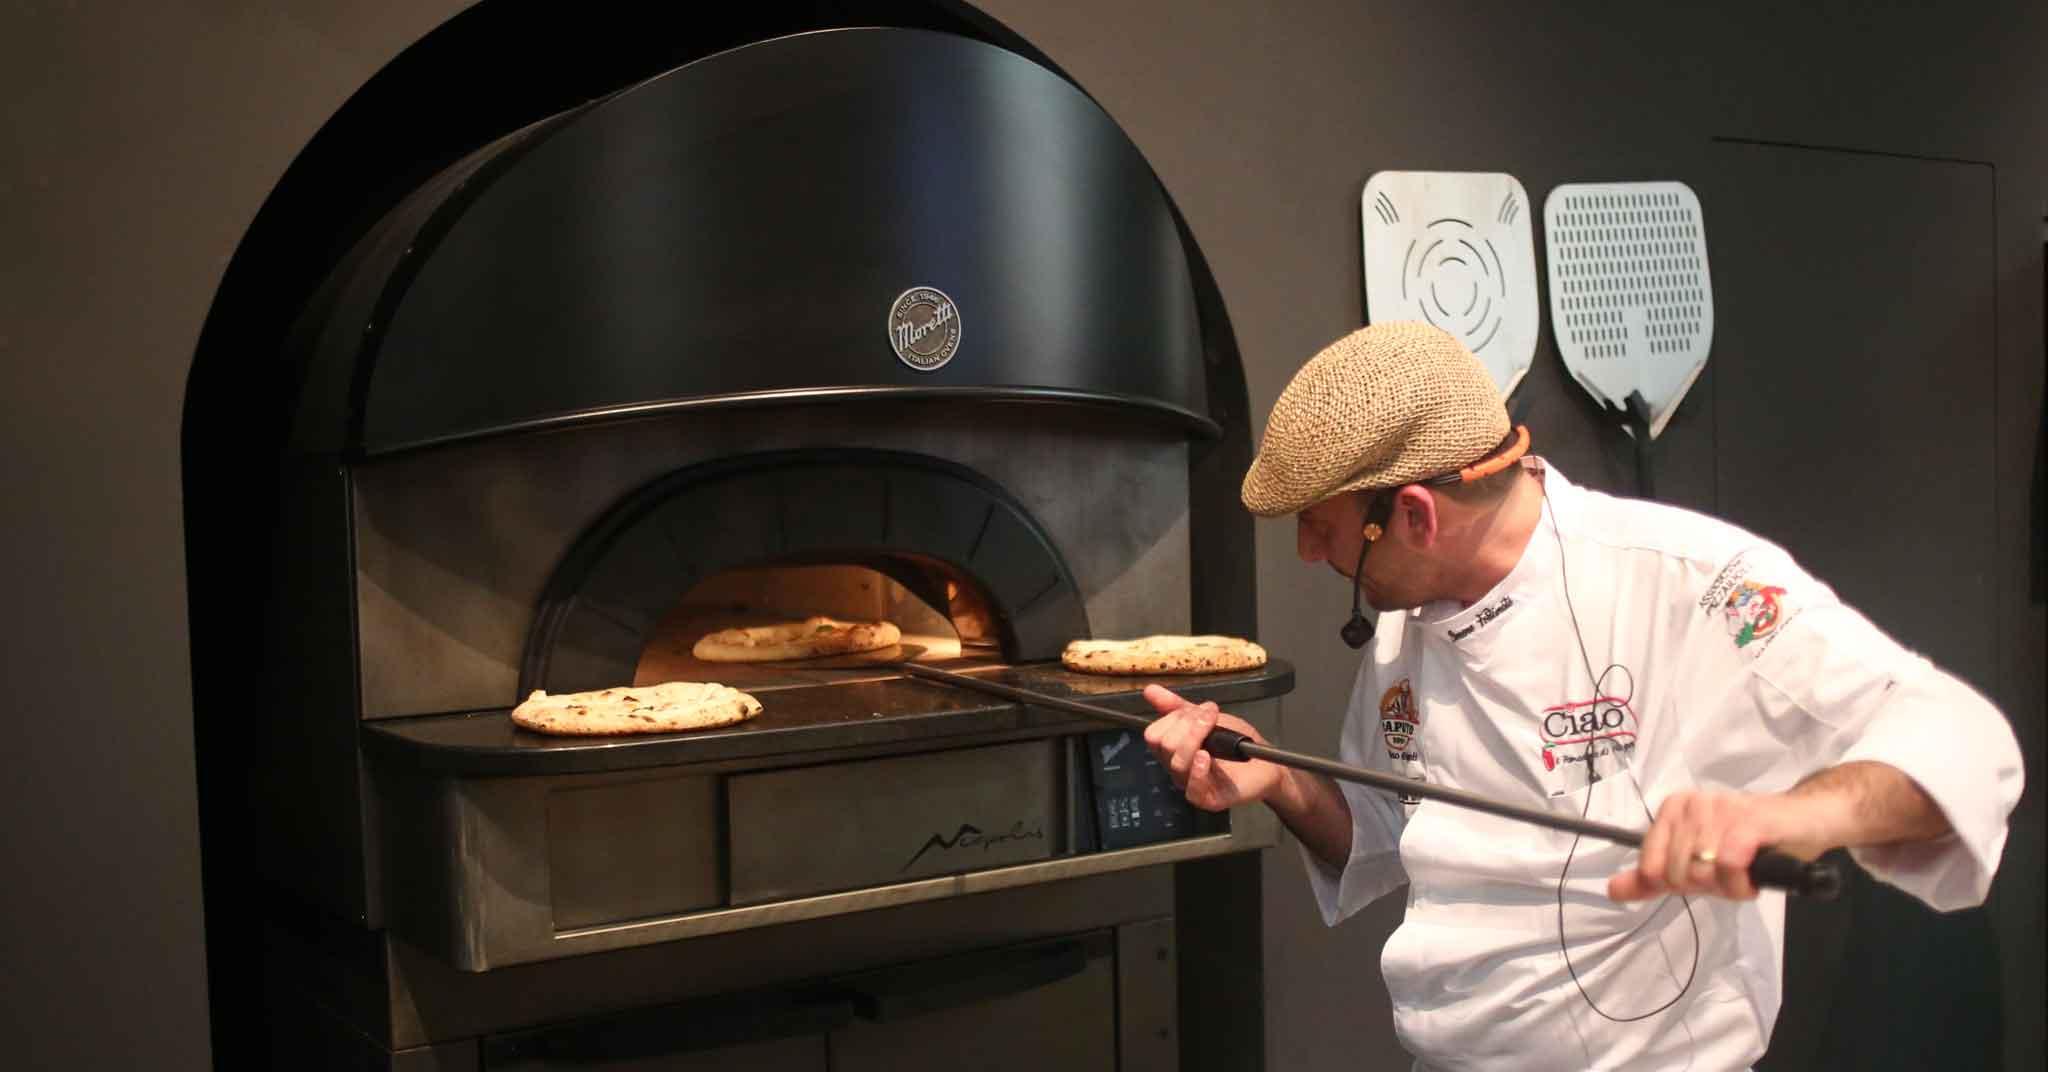 Lezioni di pizza gli appuntamenti per gustare il meglio di tuttopizza - Pizza forno elettrico casa ...